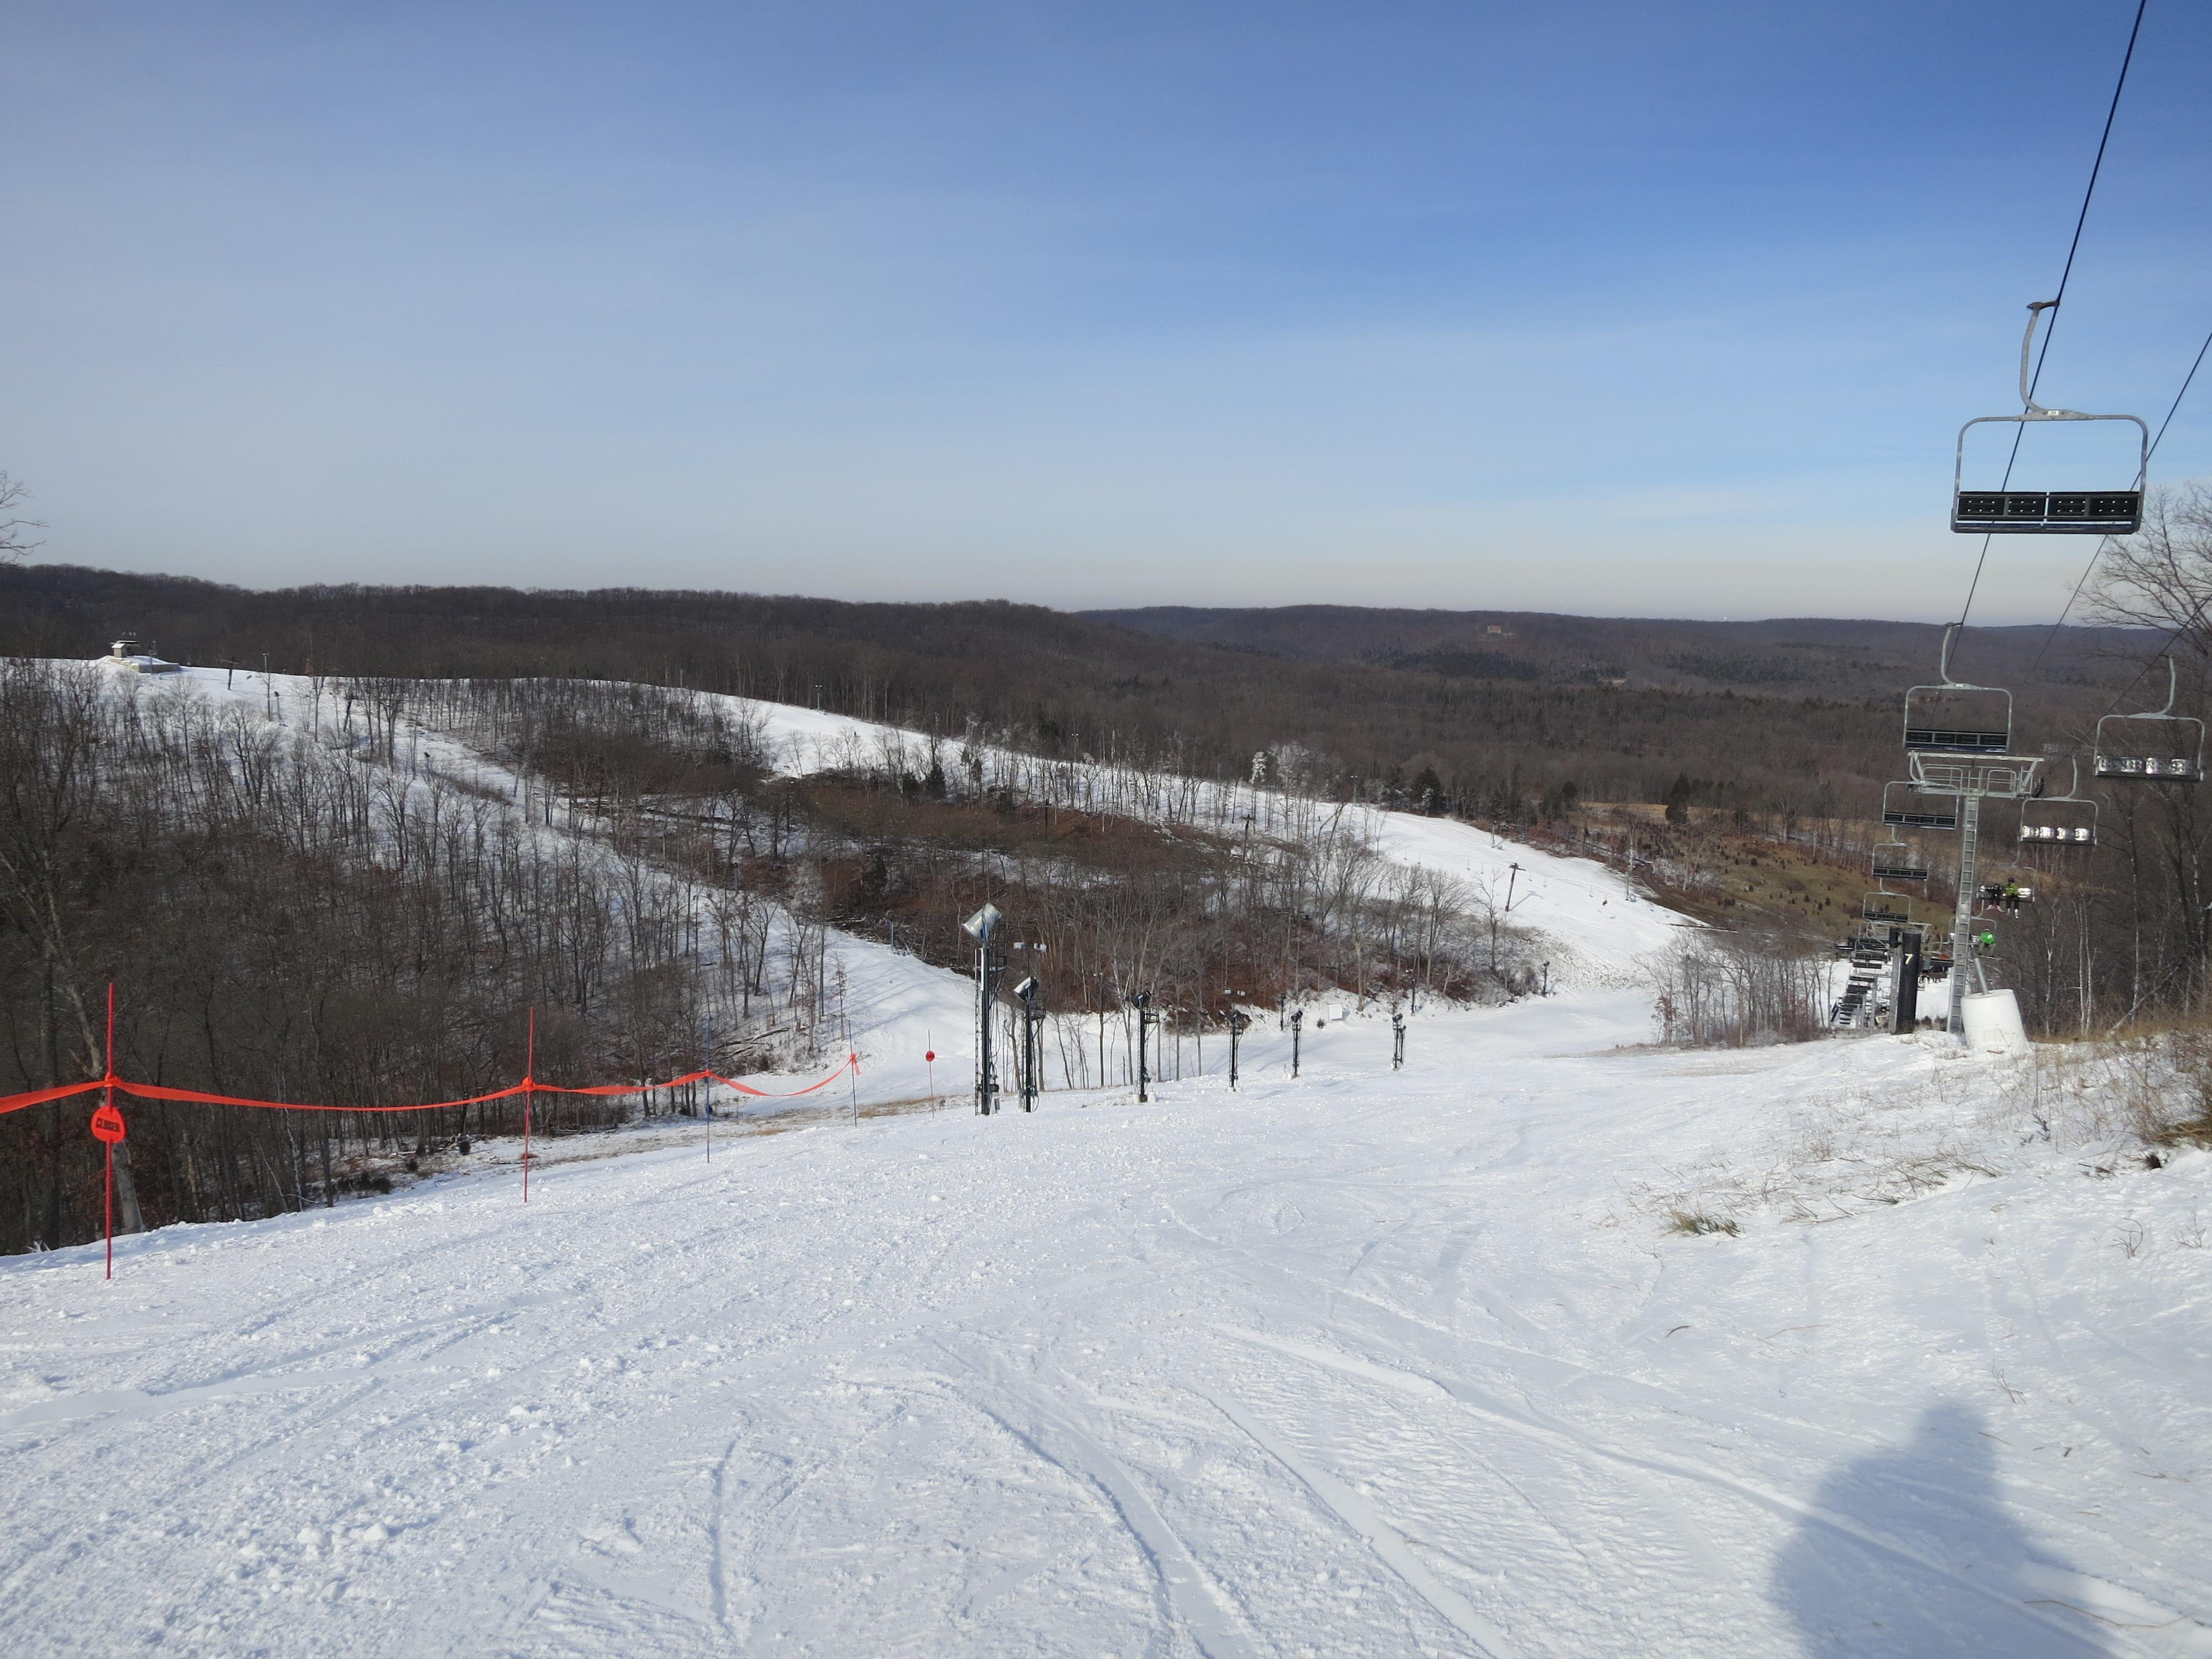 hidden valley ski area - wikipedia